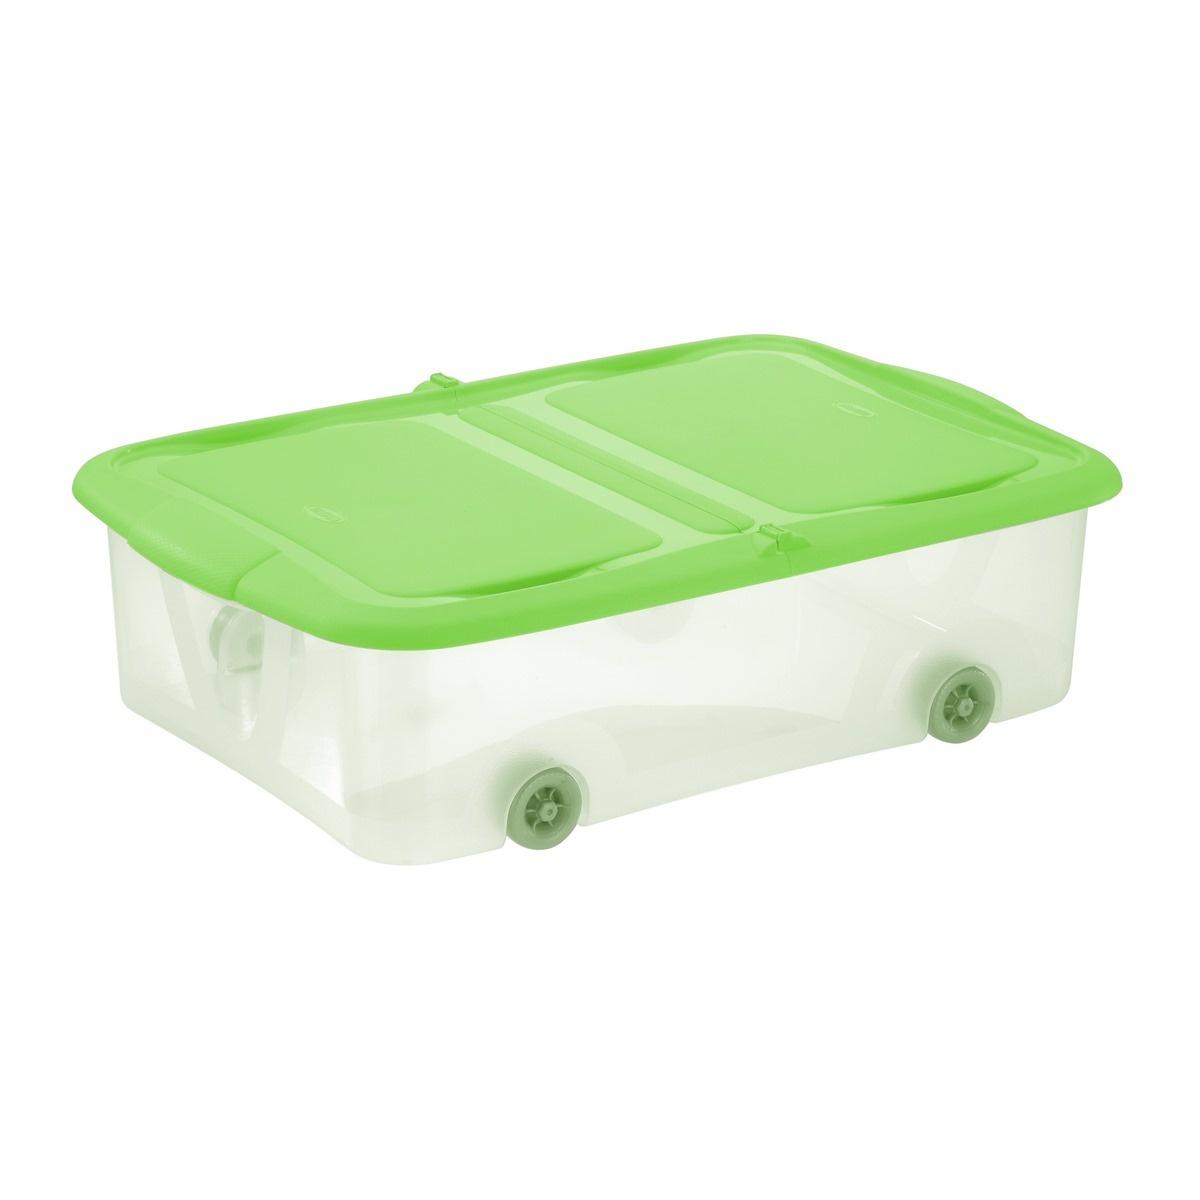 Tontarelli STOCK Box 25L s víkem transparent/zelená;58.7X39.5XH16.8CM, kolečka